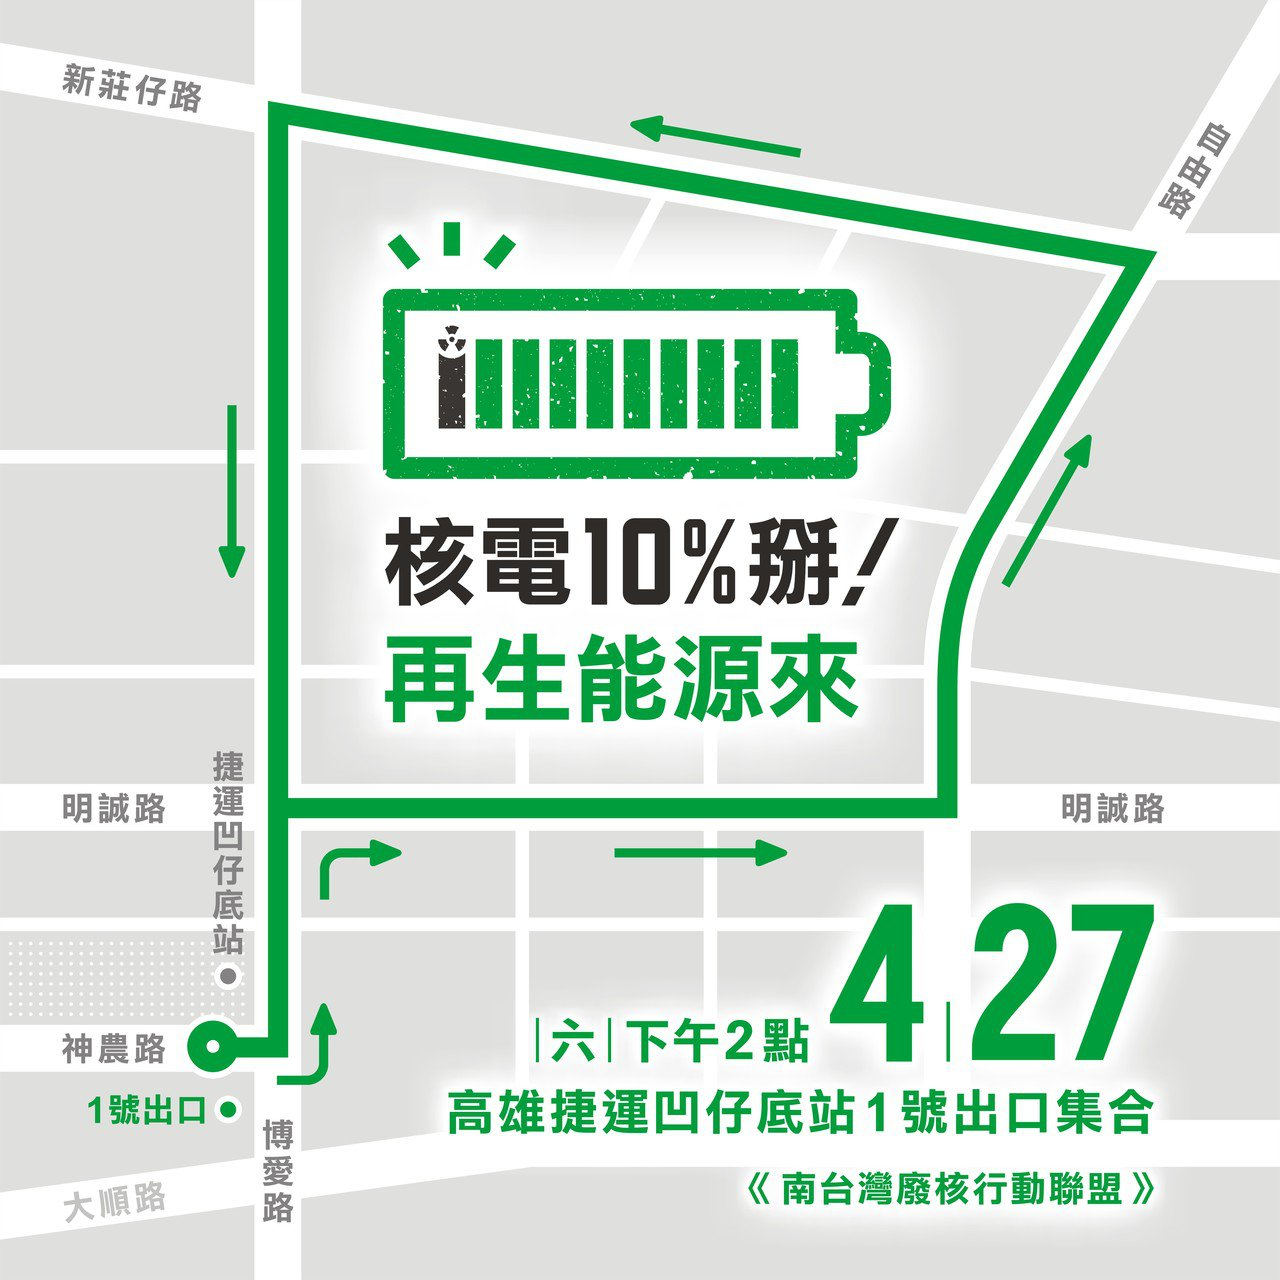 「核電10% 掰!再生能源來」南台灣廢核大遊行路線圖,提醒用路人注意。圖/地球公...